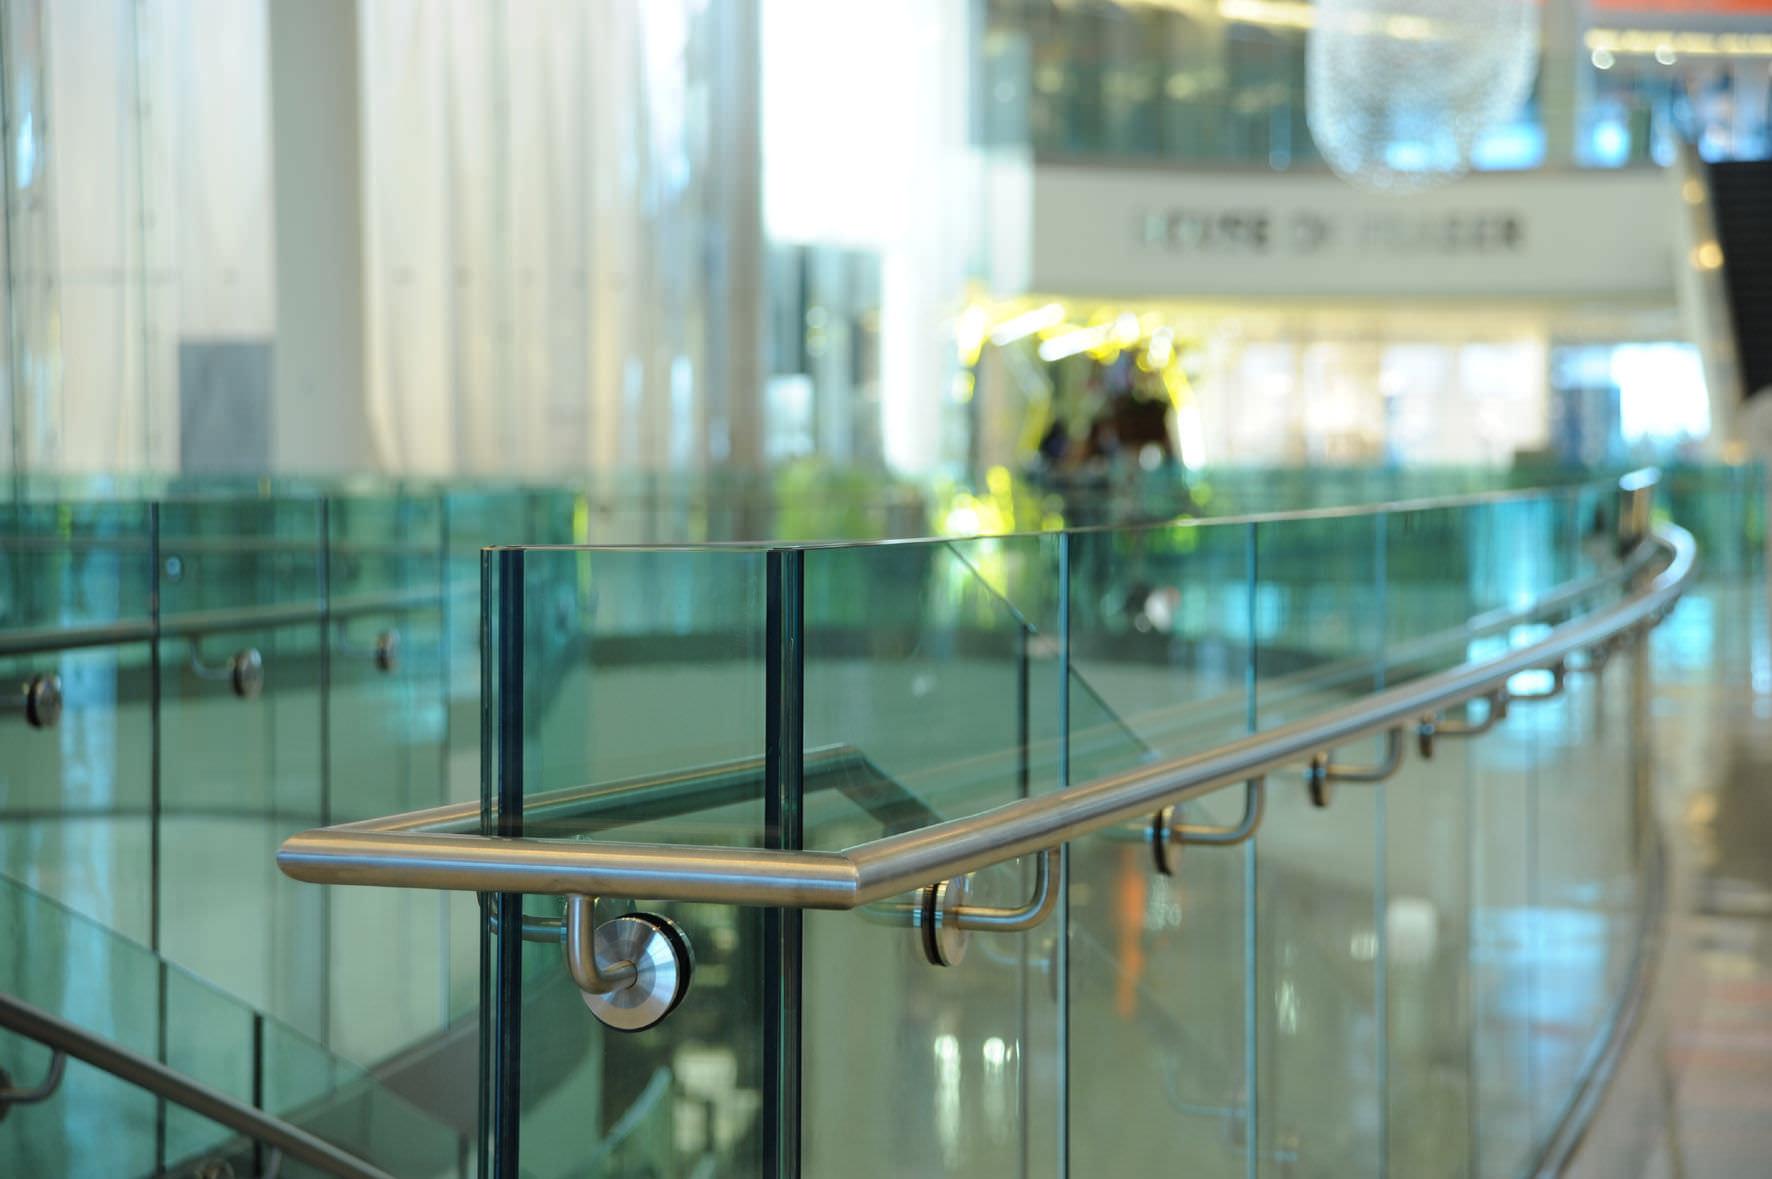 Barandas vidriadas de seguridad vidrios especiales for Barandas de seguridad